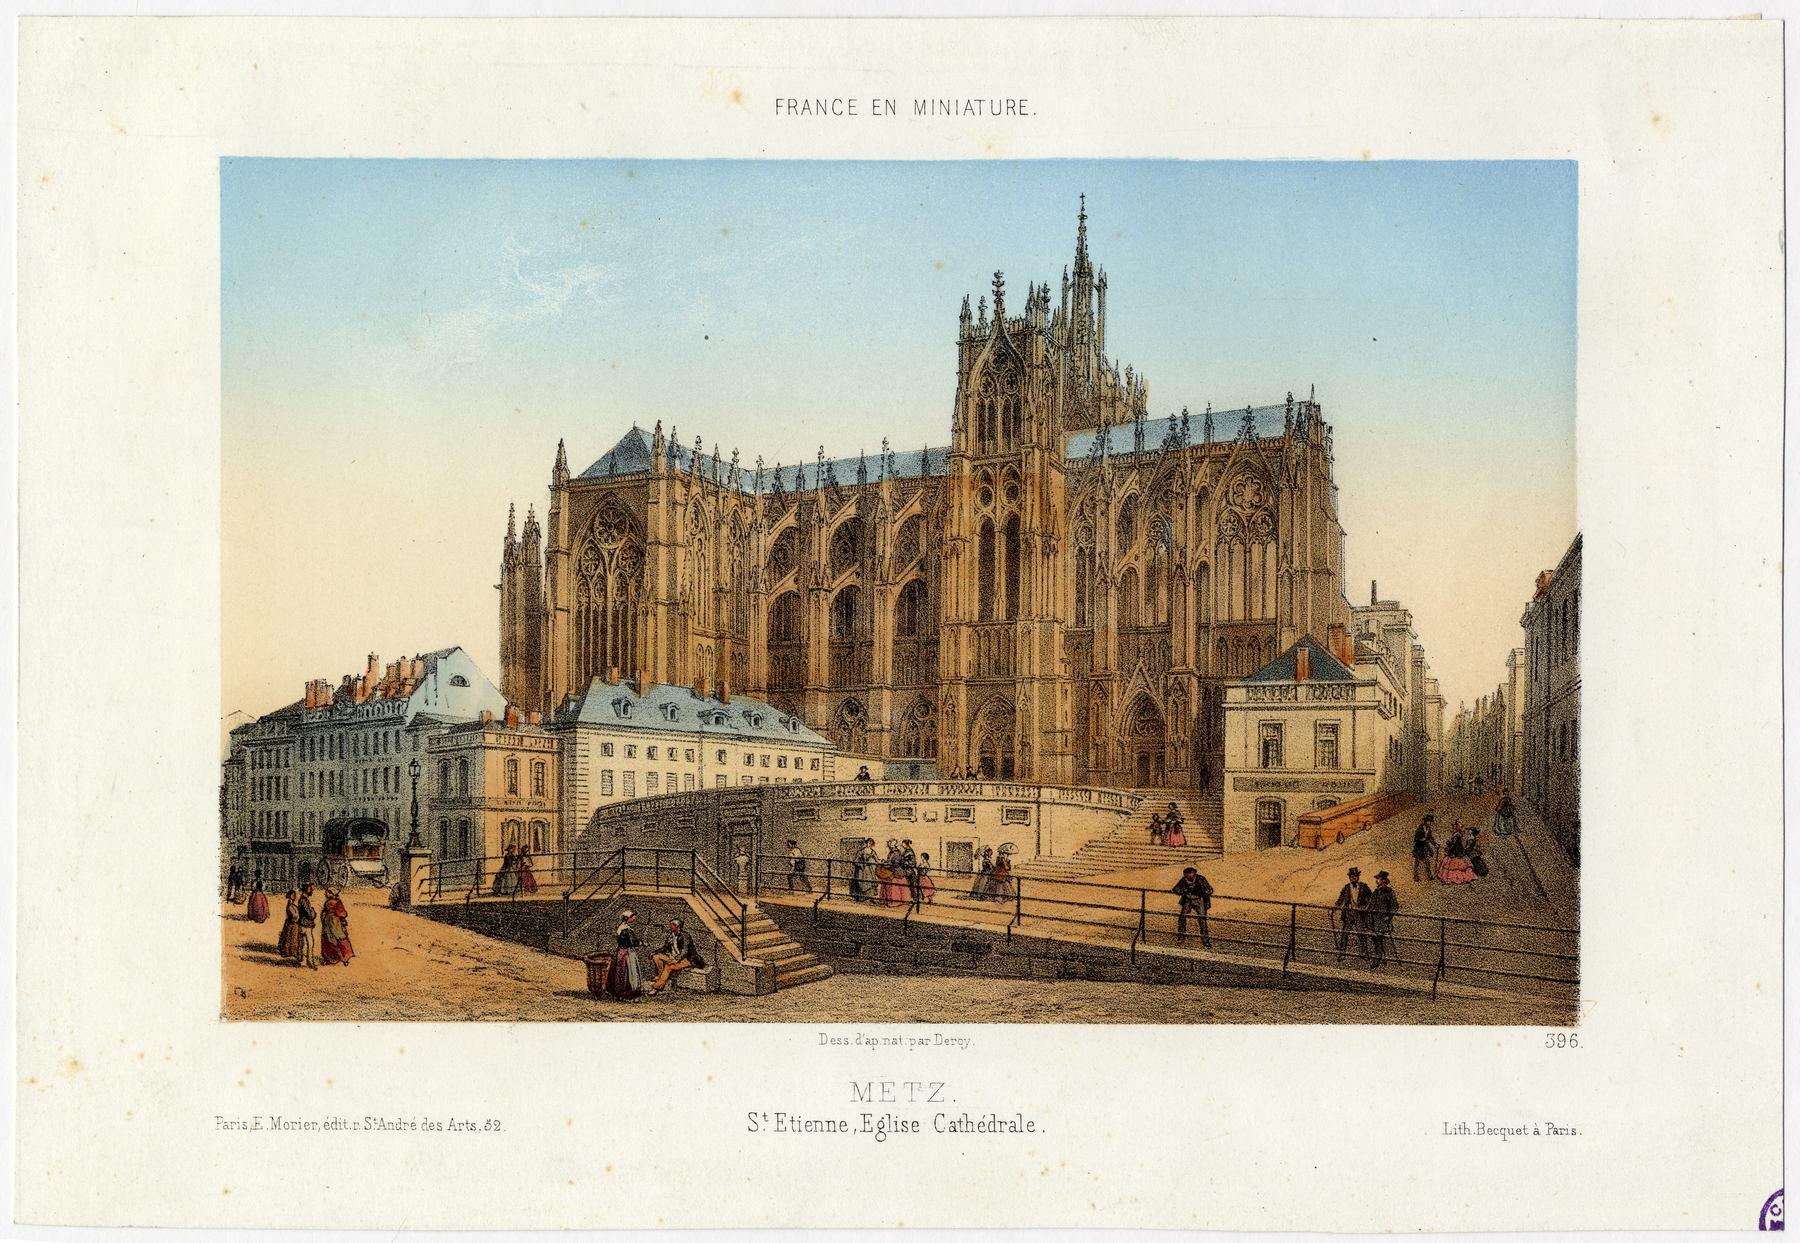 Contenu du France en miniature: Metz, Saint-Étienne, église cathédrale